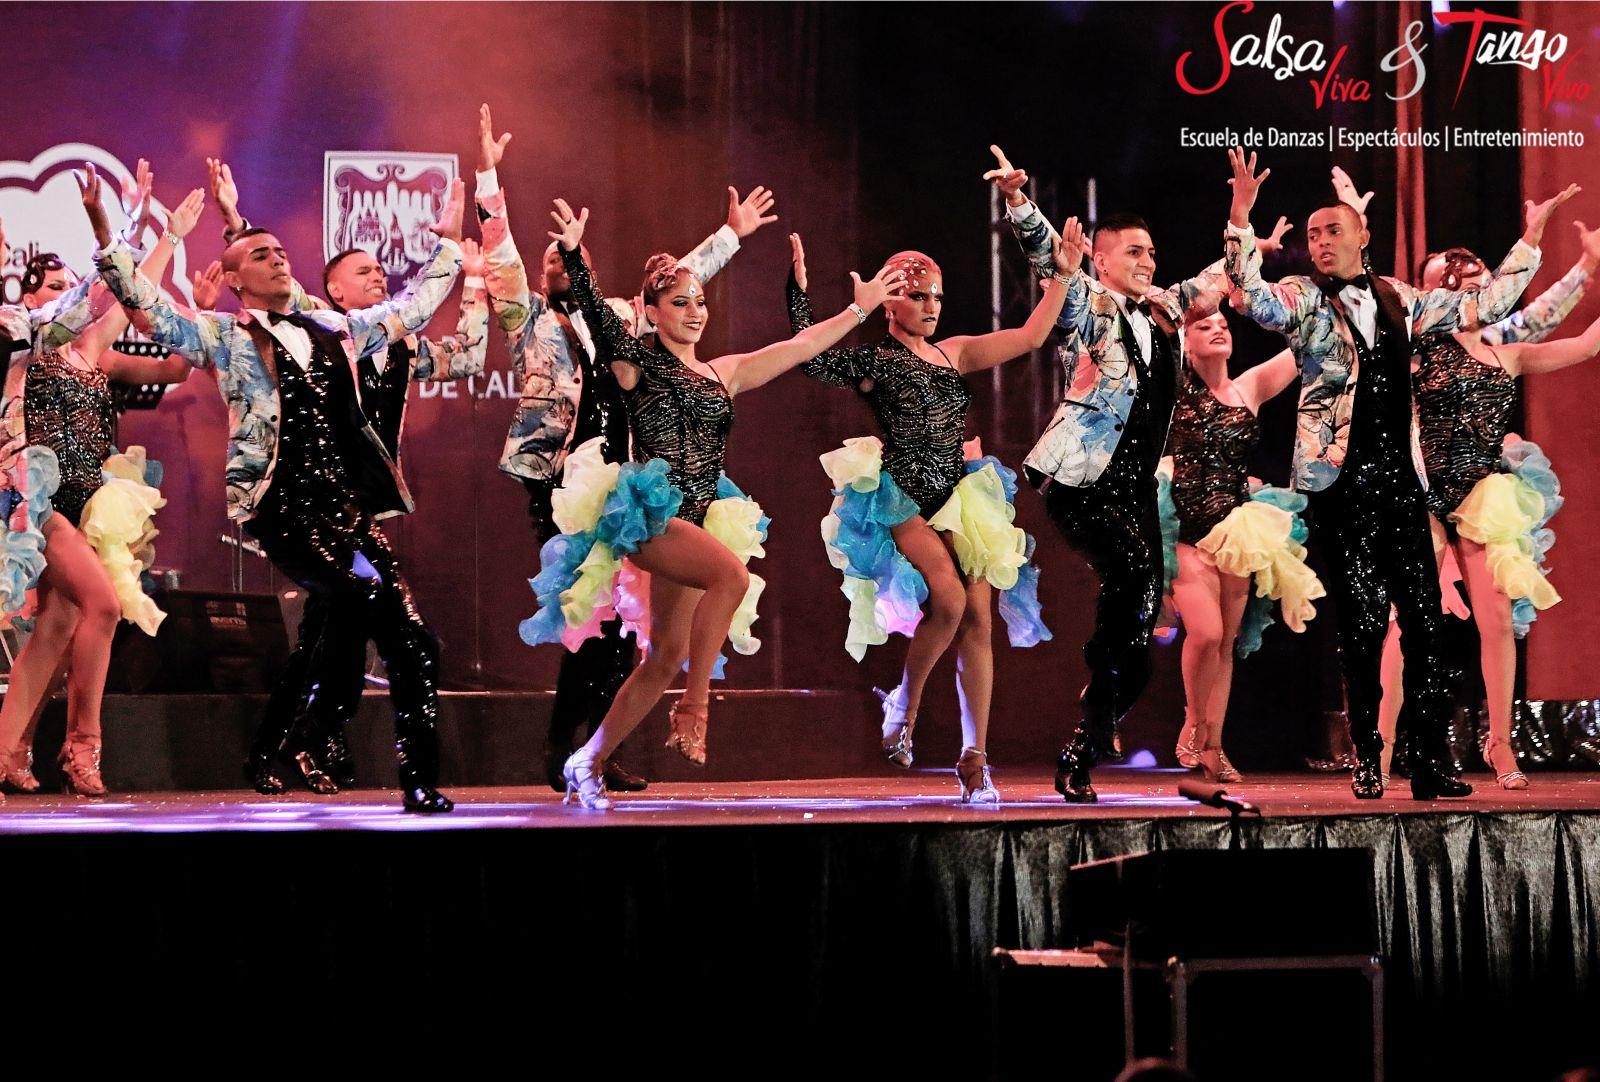 dbee07f3709b En SalsaViva & Tango Vivo contamos con asombrosos programas de baile para  extranjeros y turistas. Llámanos al 557 0618 - 555 8775 y conoce nuestro ...